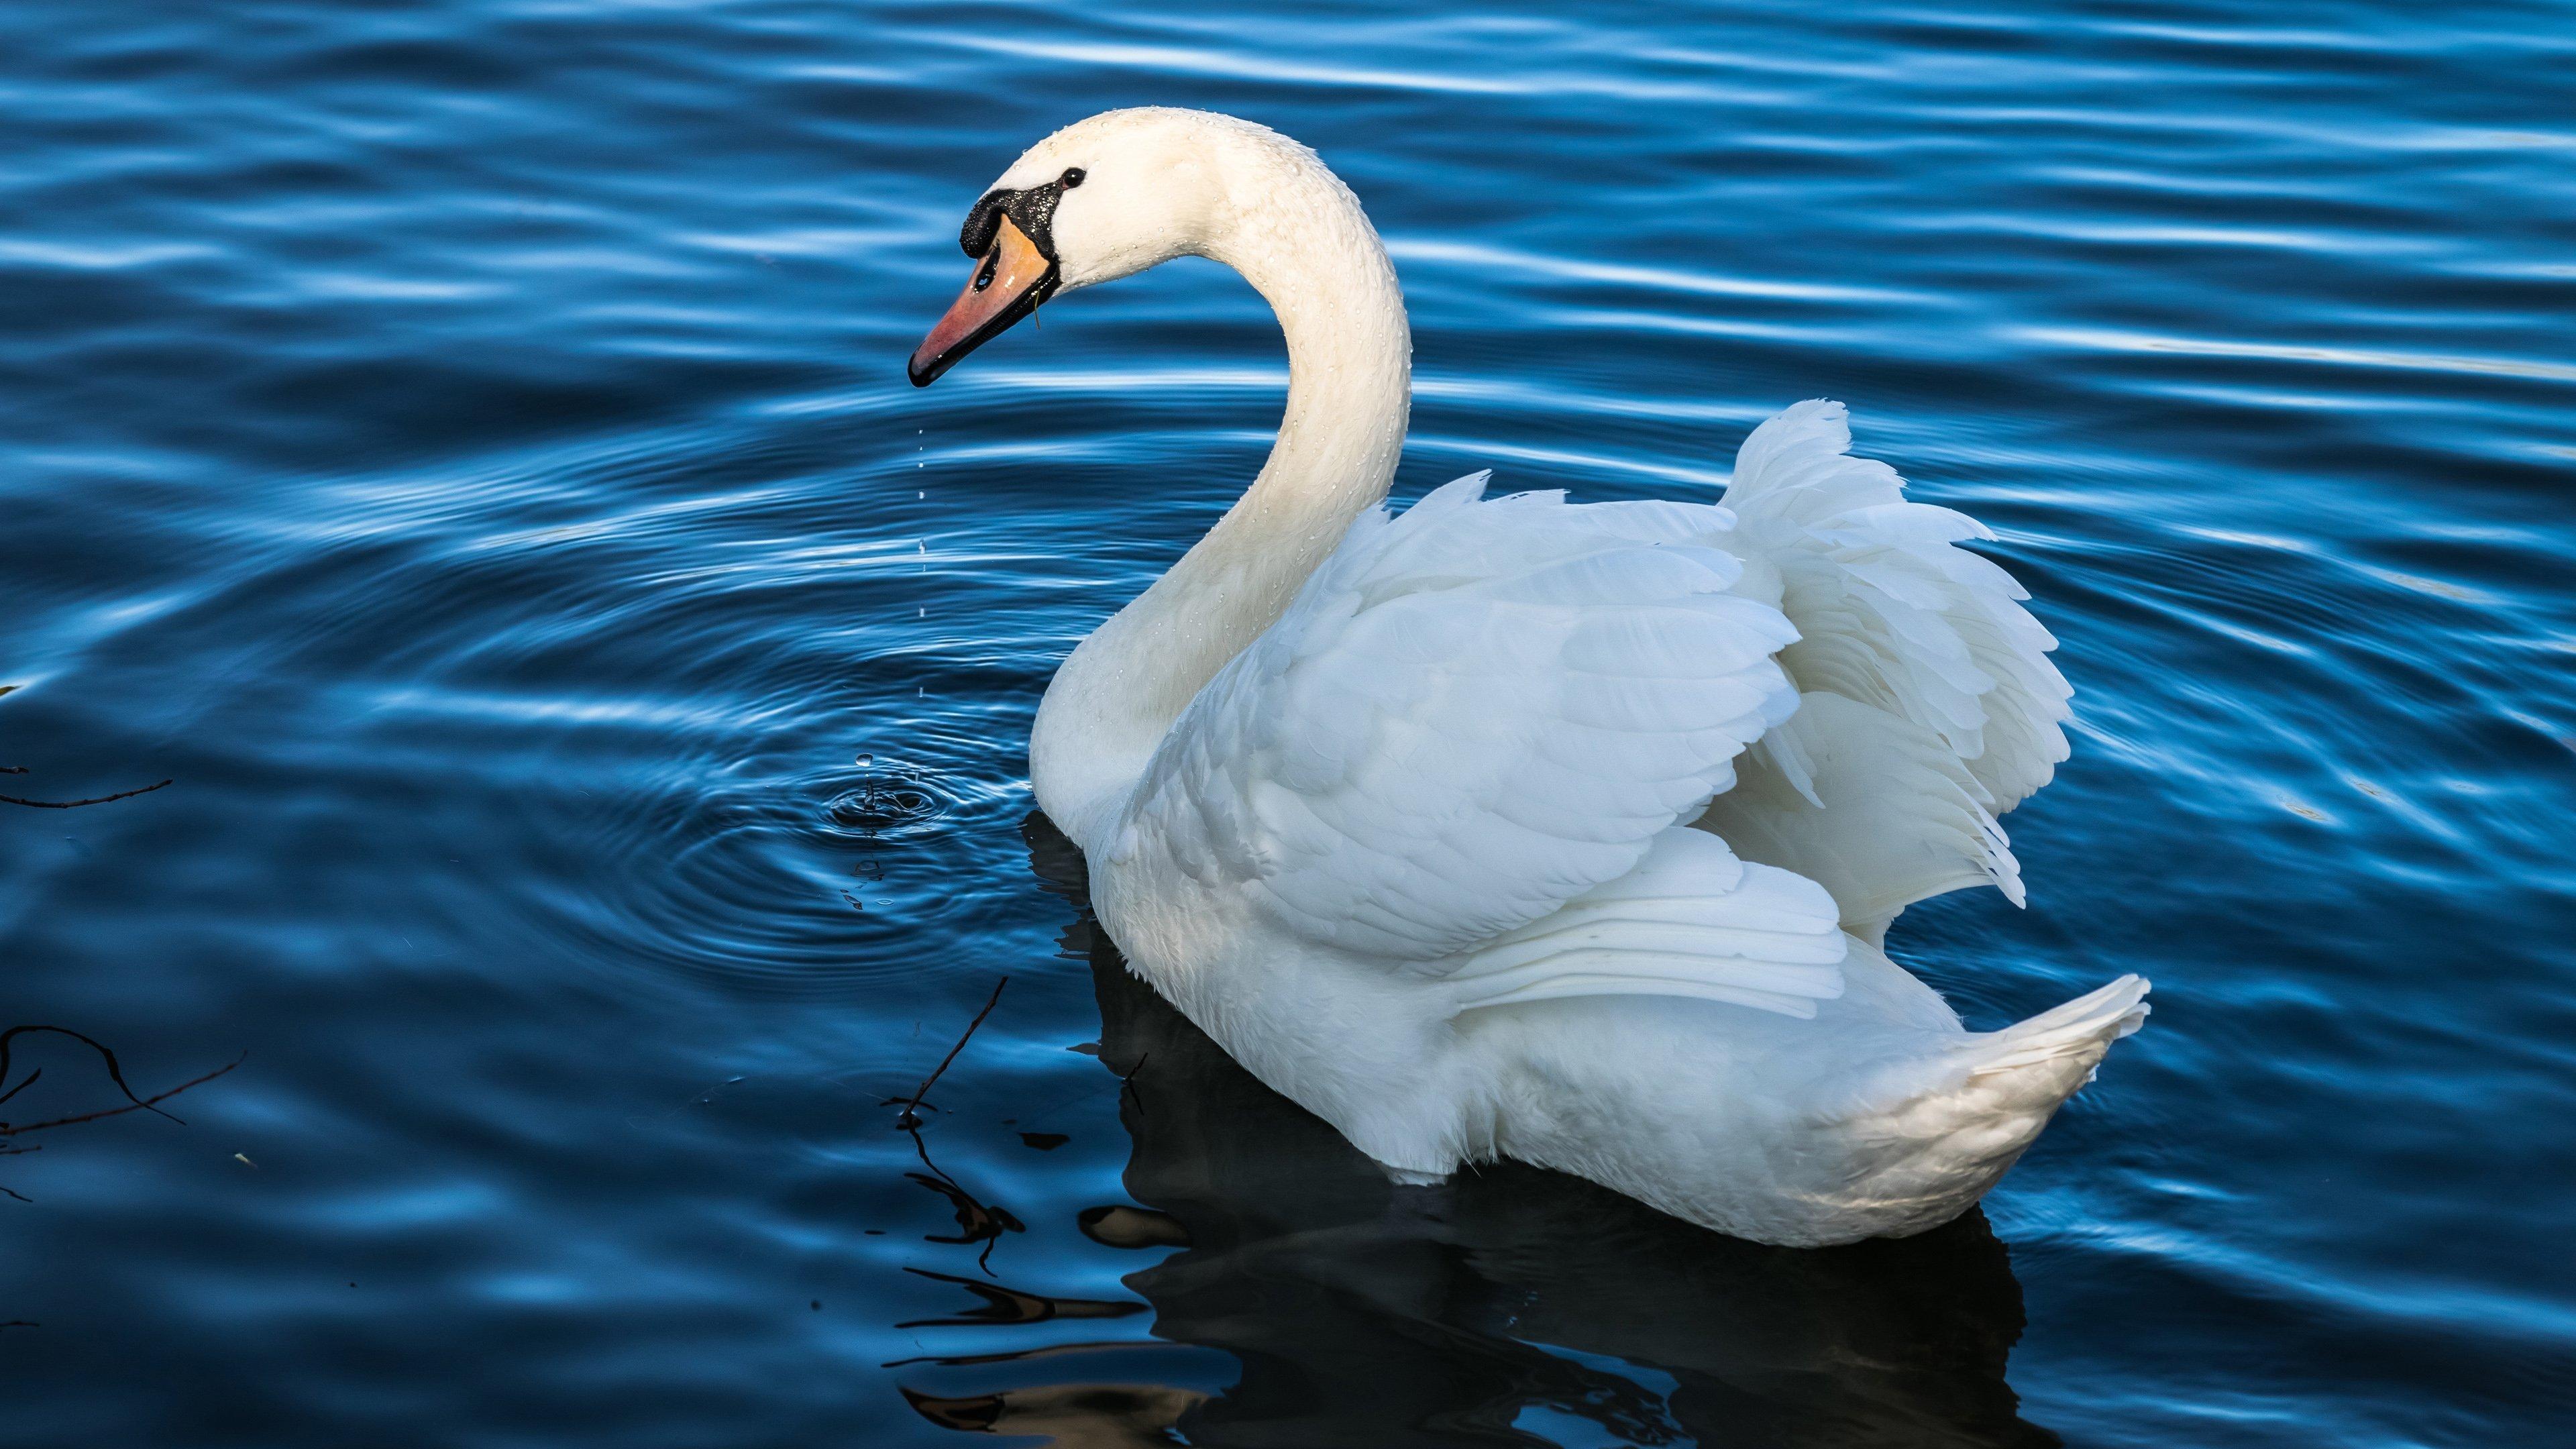 лебедь фото, птицы, животные, swan photos, birds, animals